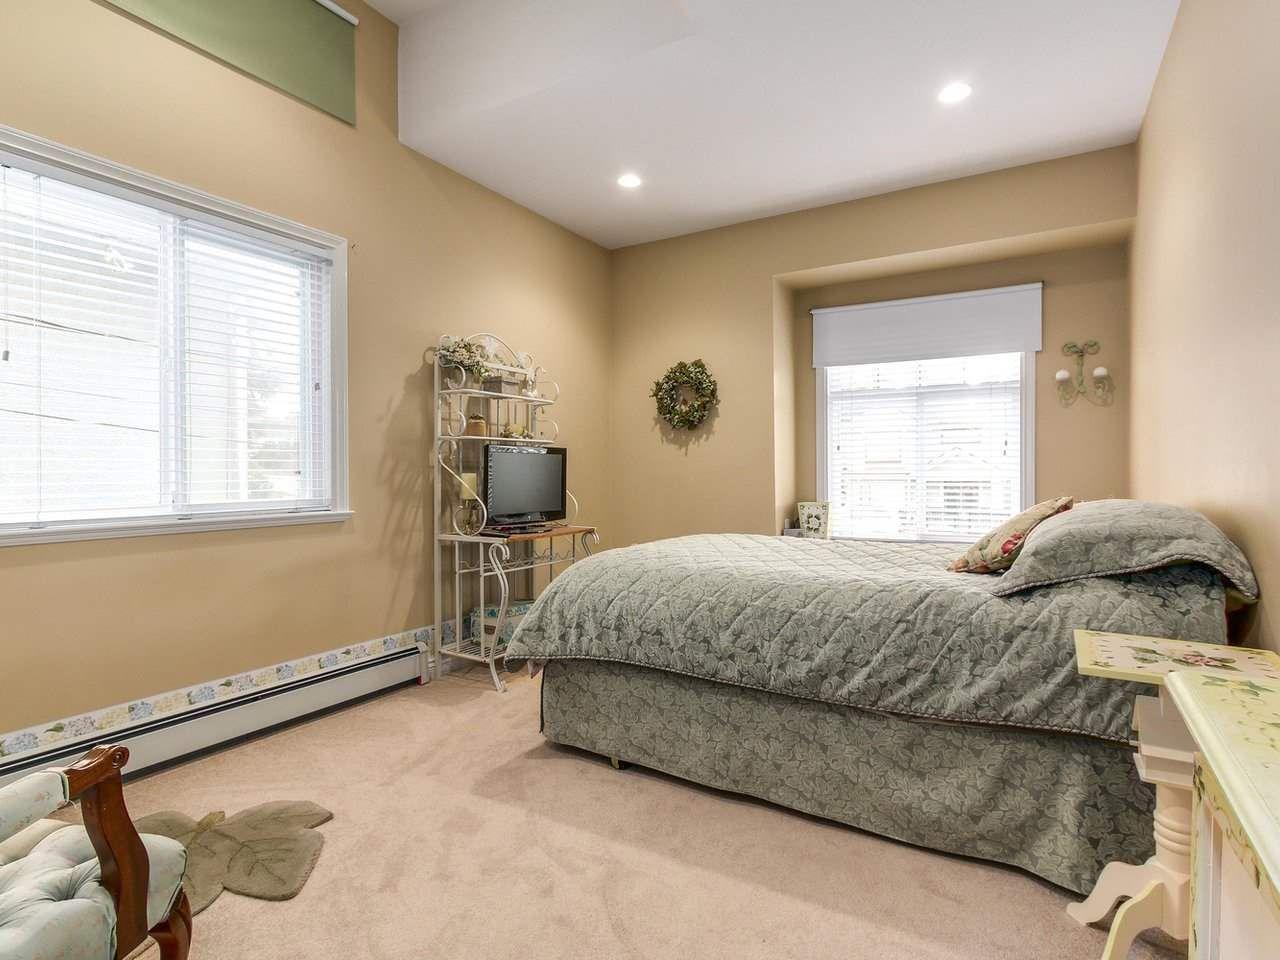 Photo 16: Photos: 725 REGAN Avenue in Coquitlam: Coquitlam West House for sale : MLS®# R2226266